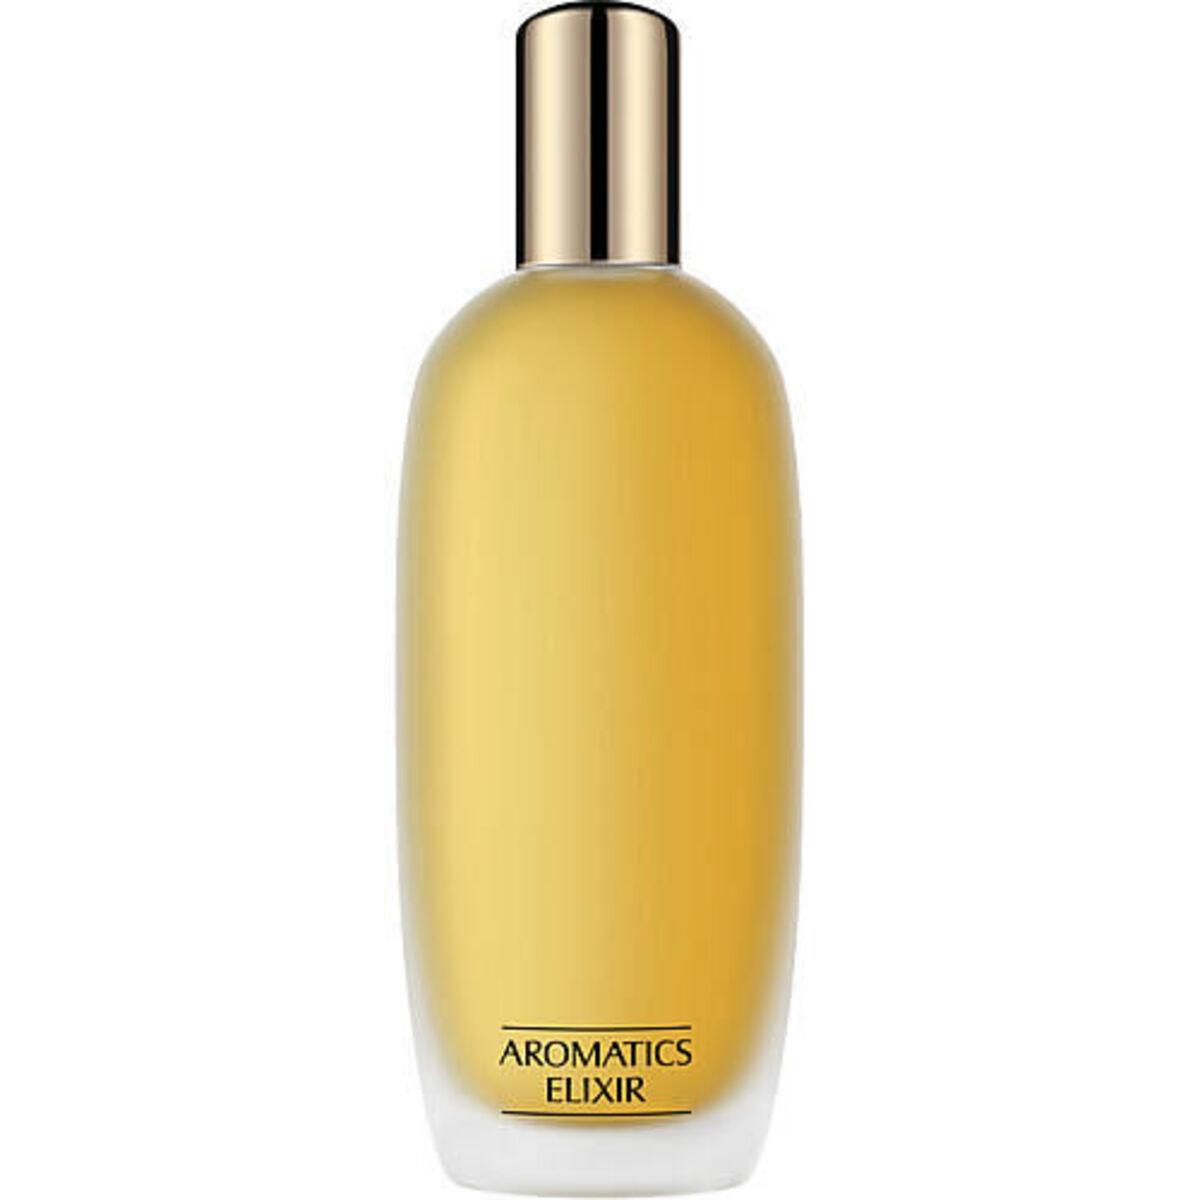 Bild 2 von Clinique Aromatics Elixir, Eau de Parfum, 100 ml